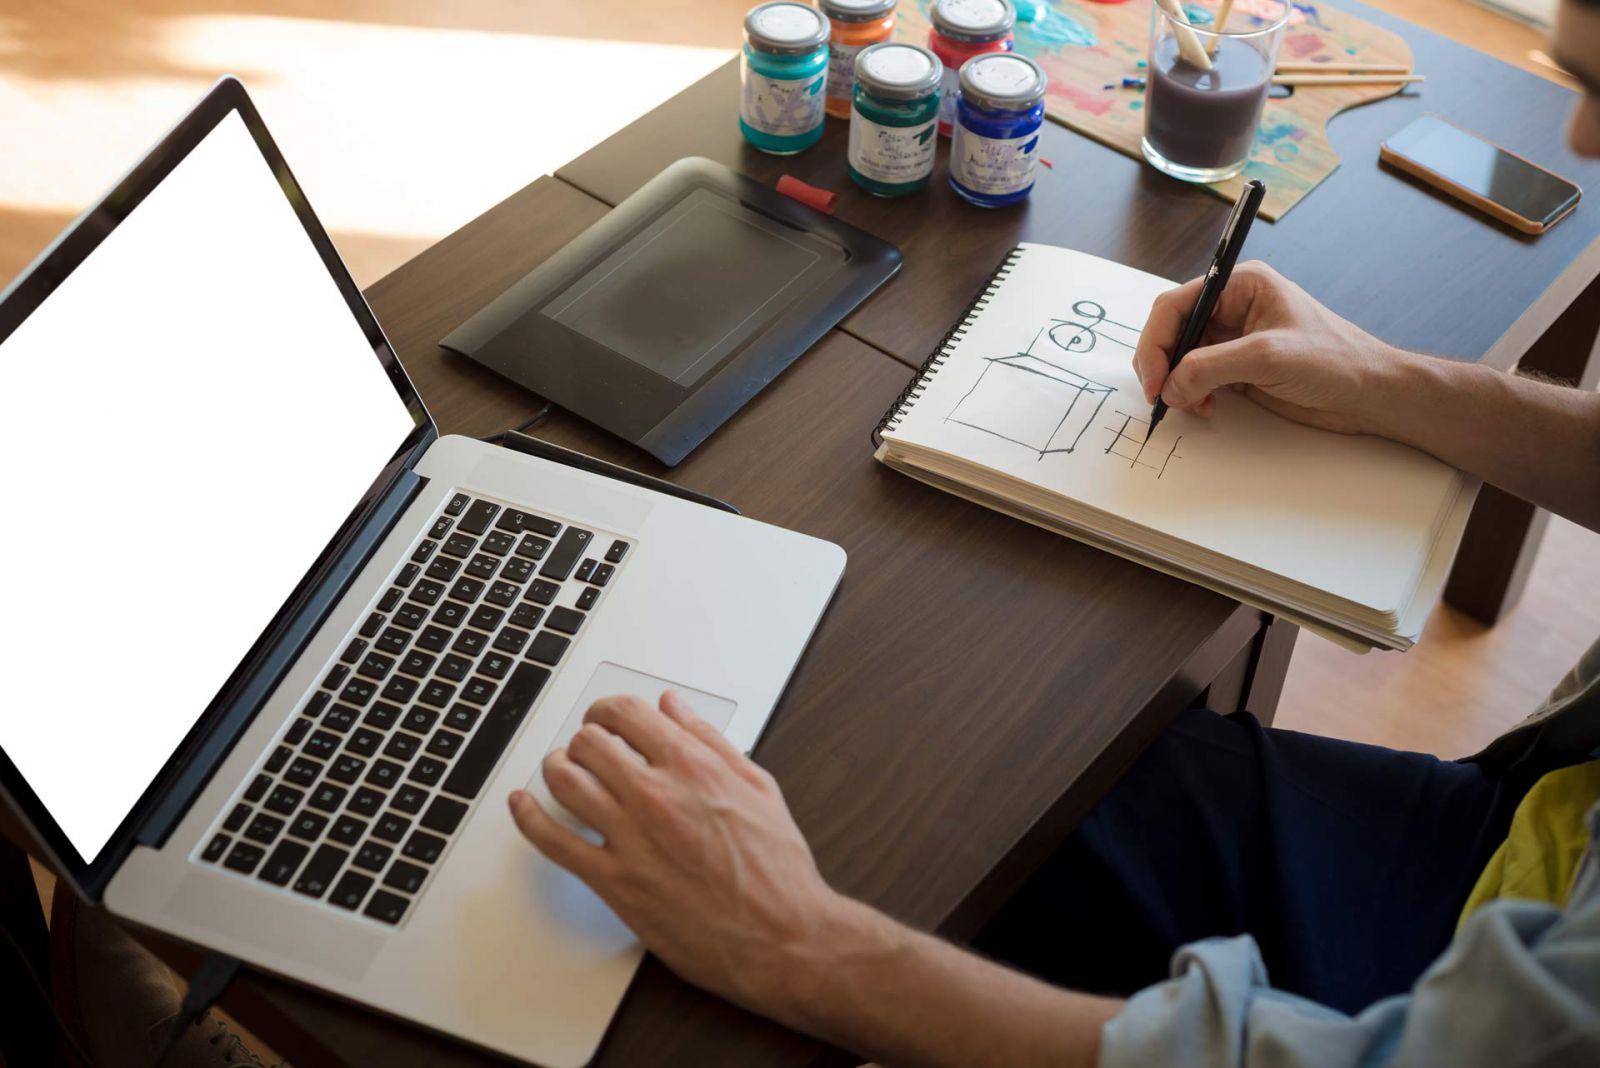 tư vấn lựa chọn laptop cho sinh viên ngành kỹ thuật